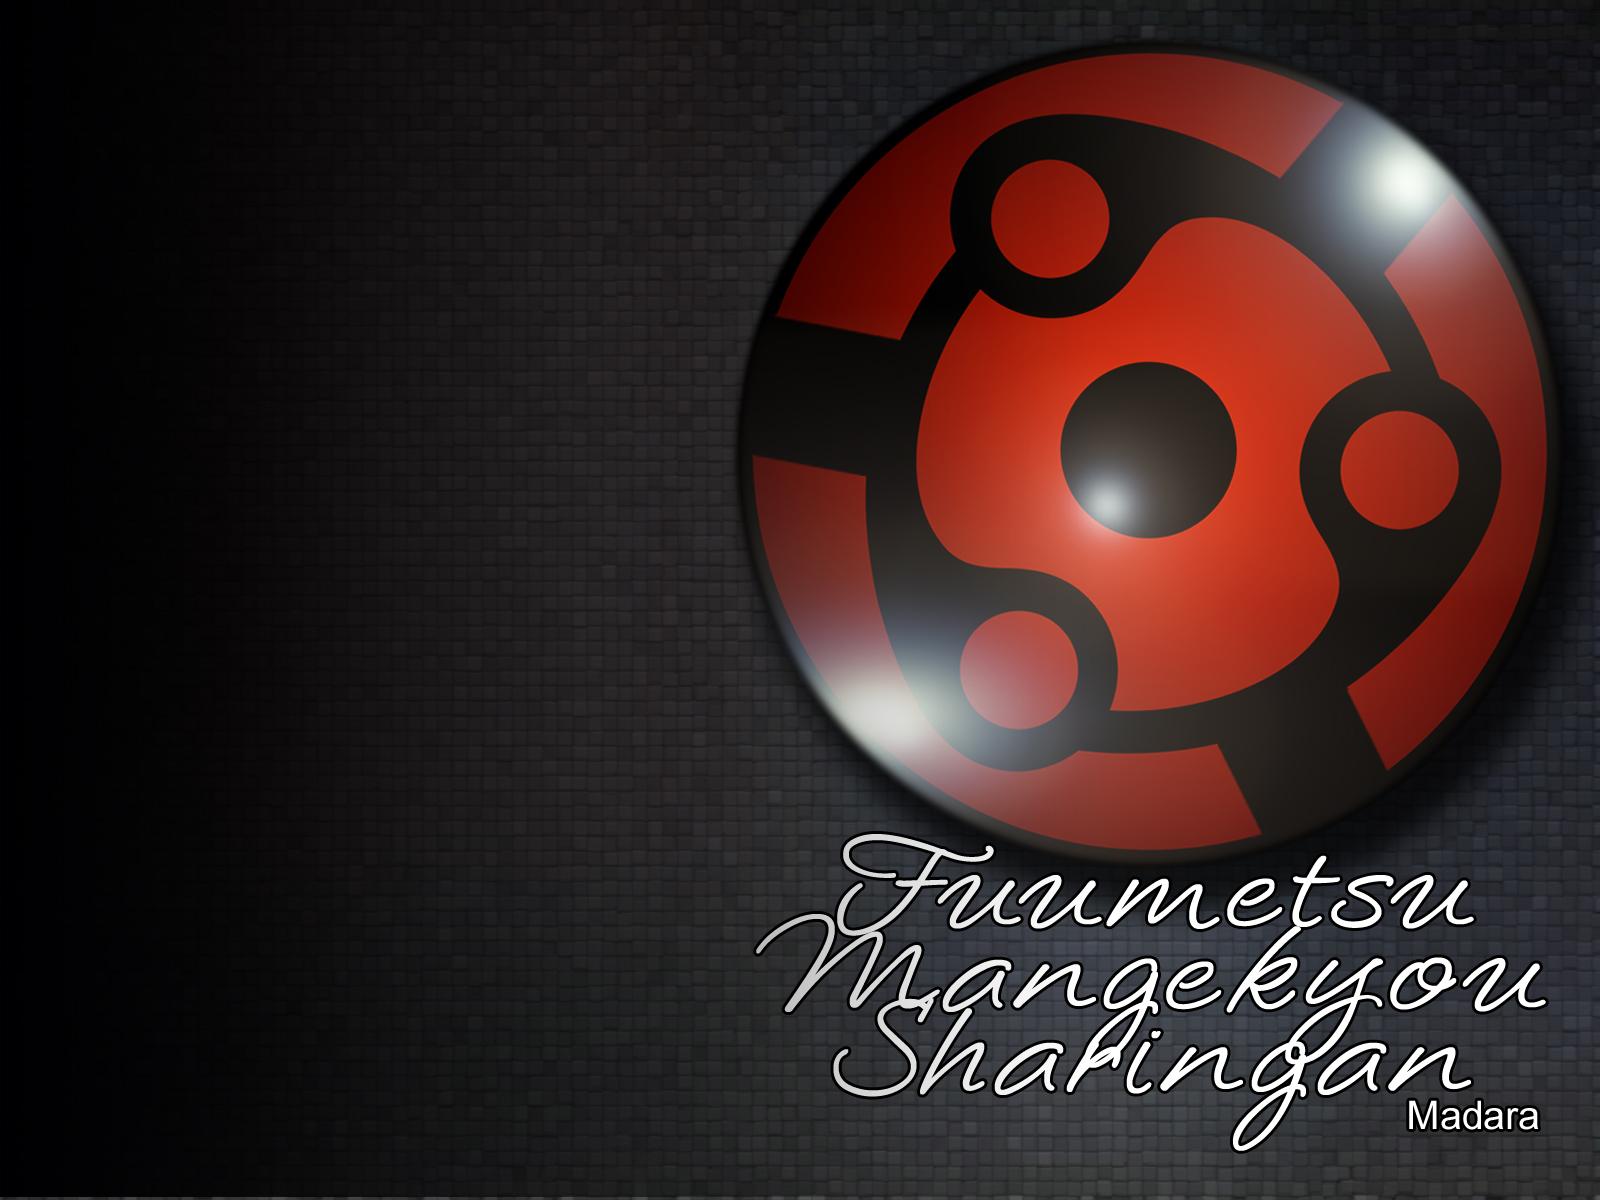 Fuumetsu Mangekyou Sharingan Computer Wallpapers, Desktop